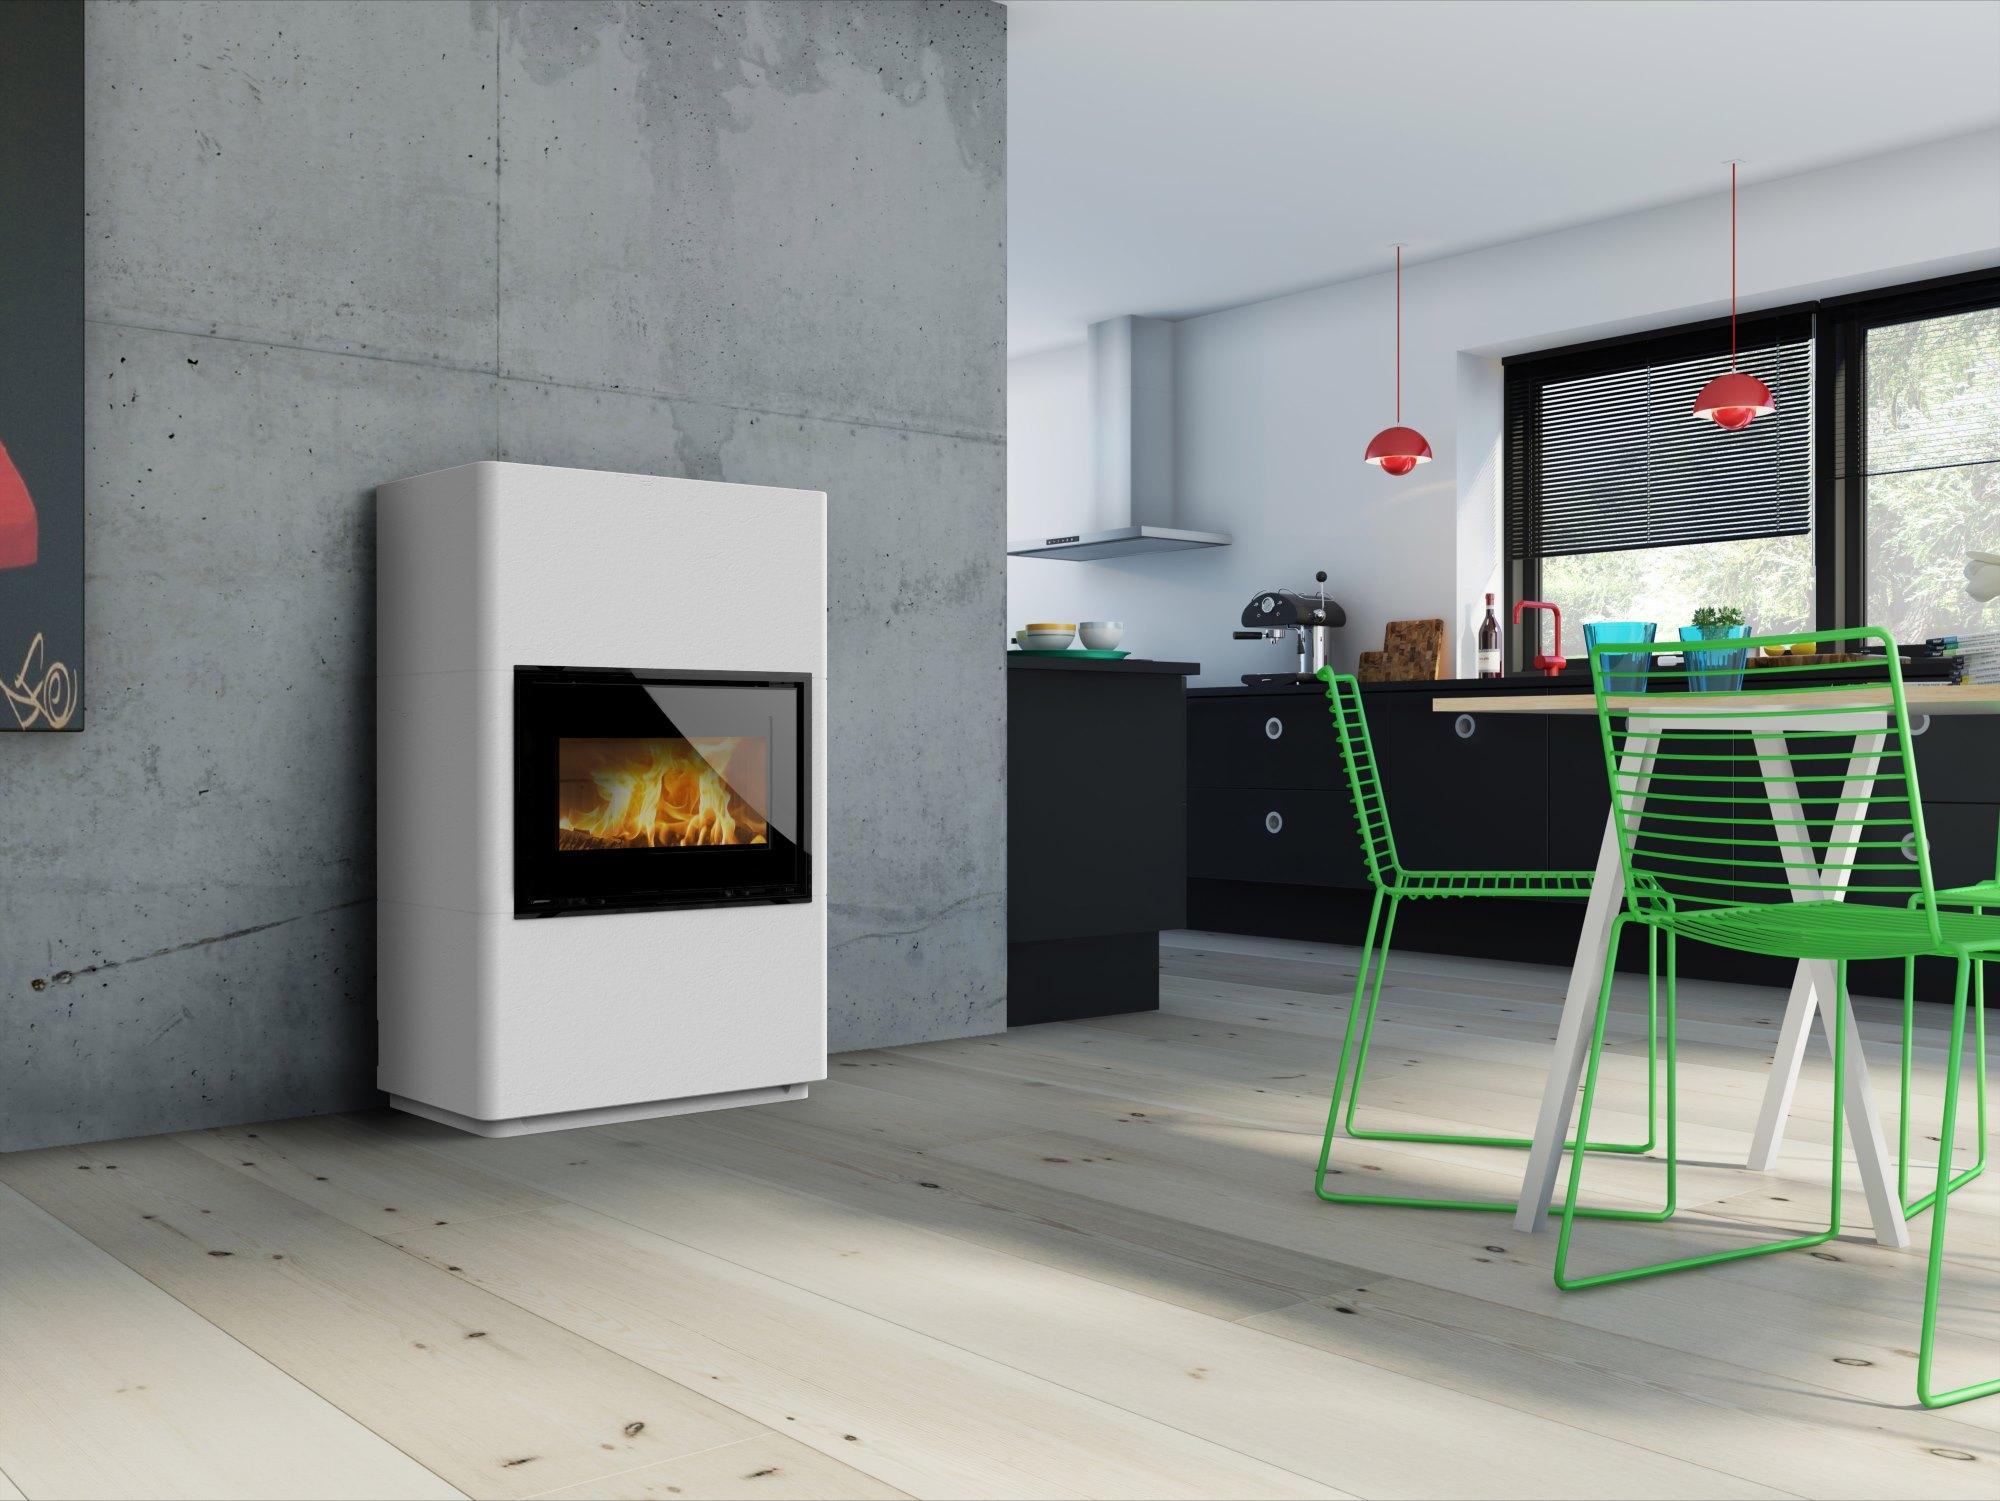 lotus beto 470 w mit black magic door rudelmann feuer und design bodmann. Black Bedroom Furniture Sets. Home Design Ideas